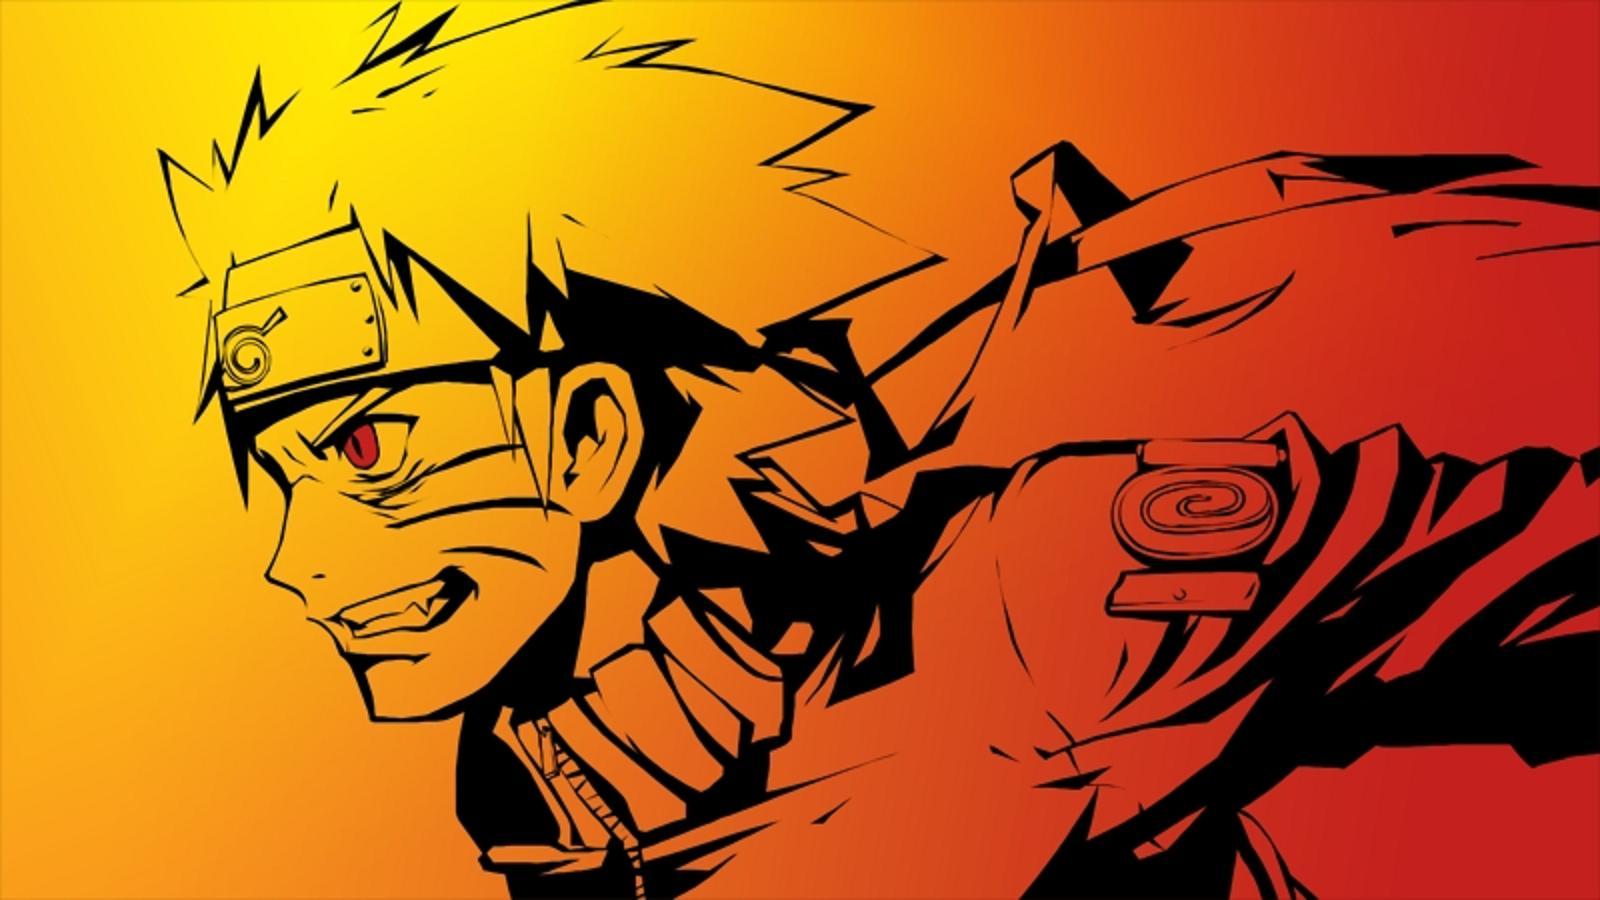 Gambar Naruto Lengkap  Kumpulan Gambar Lengkap